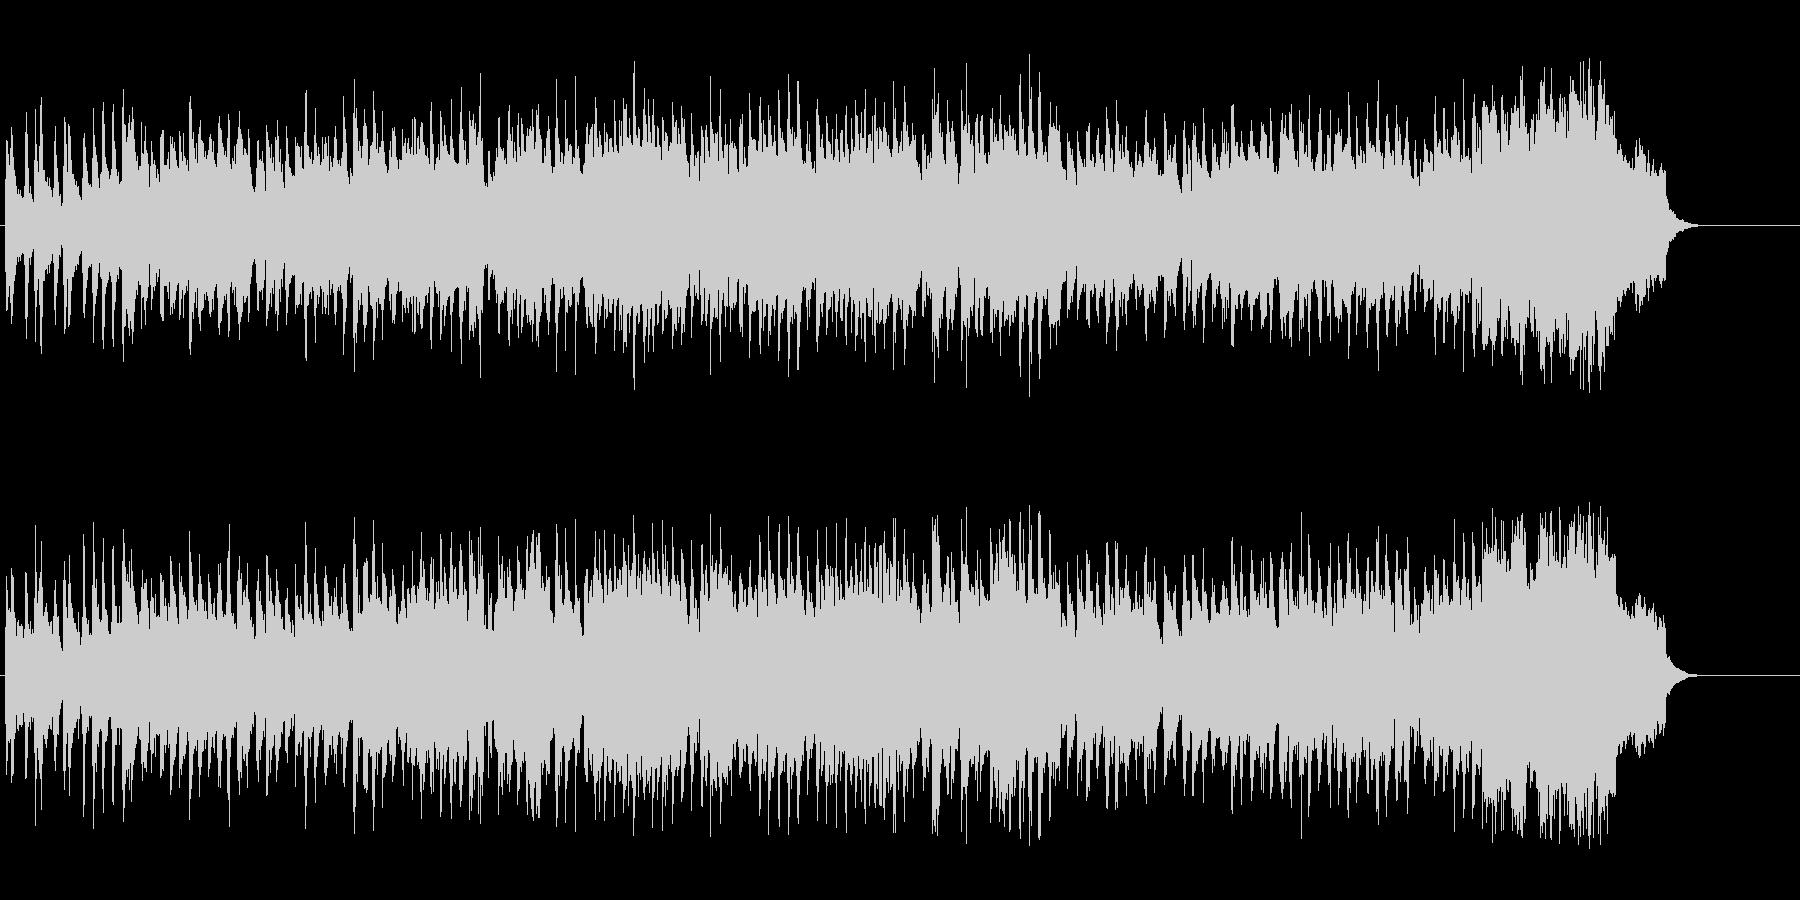 のどかな欧州風クラシカル・サウンドの未再生の波形